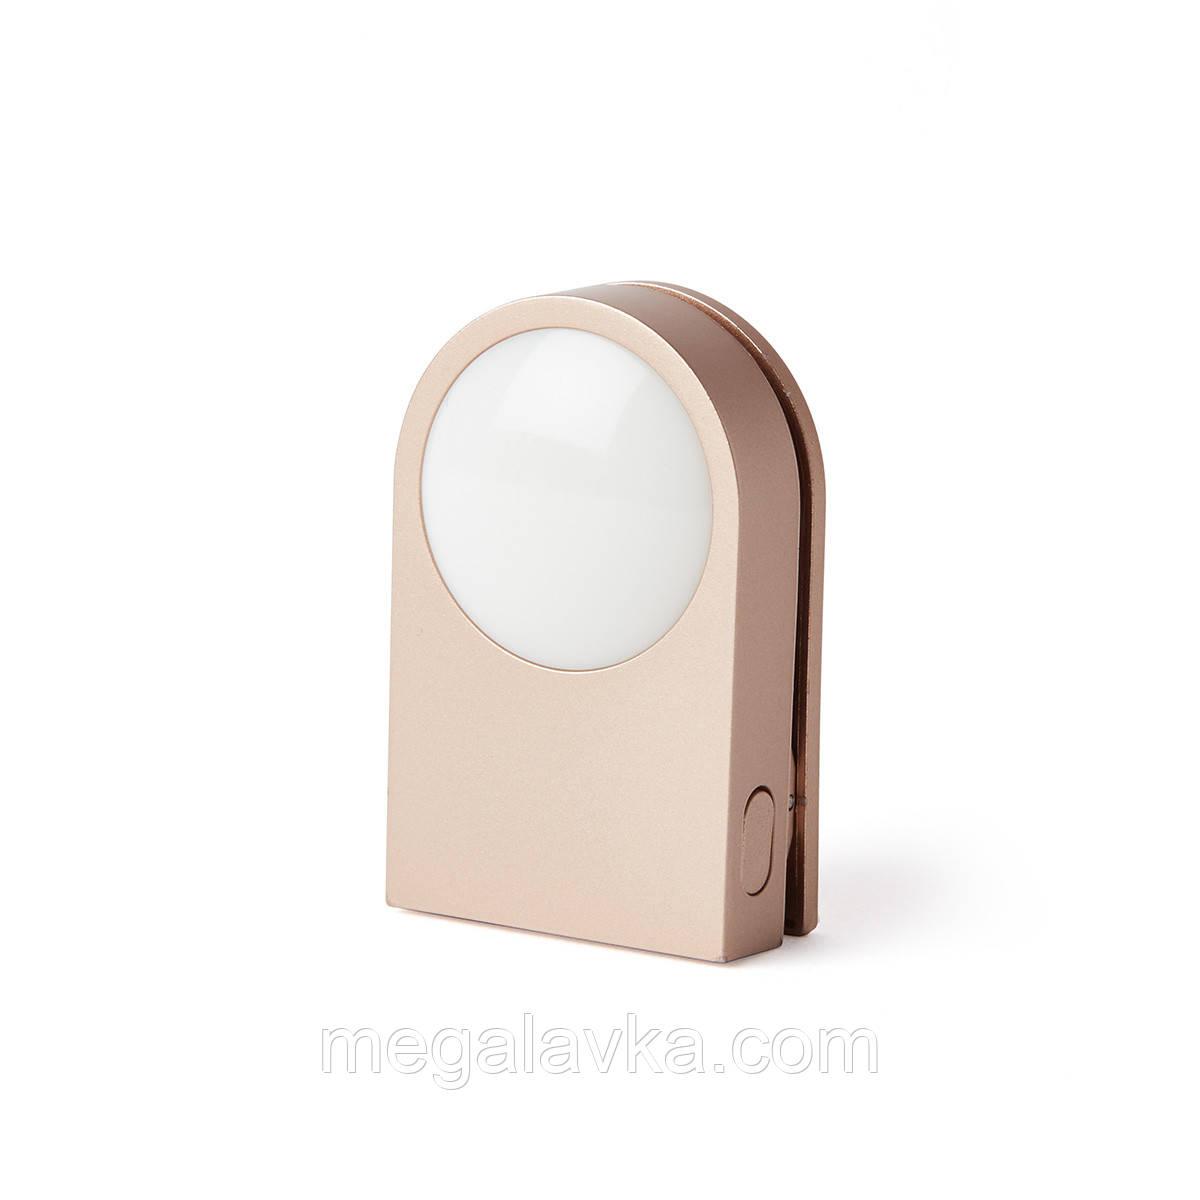 Ліхтарик-прищепка для безпеки на дорозі Lexon LUCIE, золотий